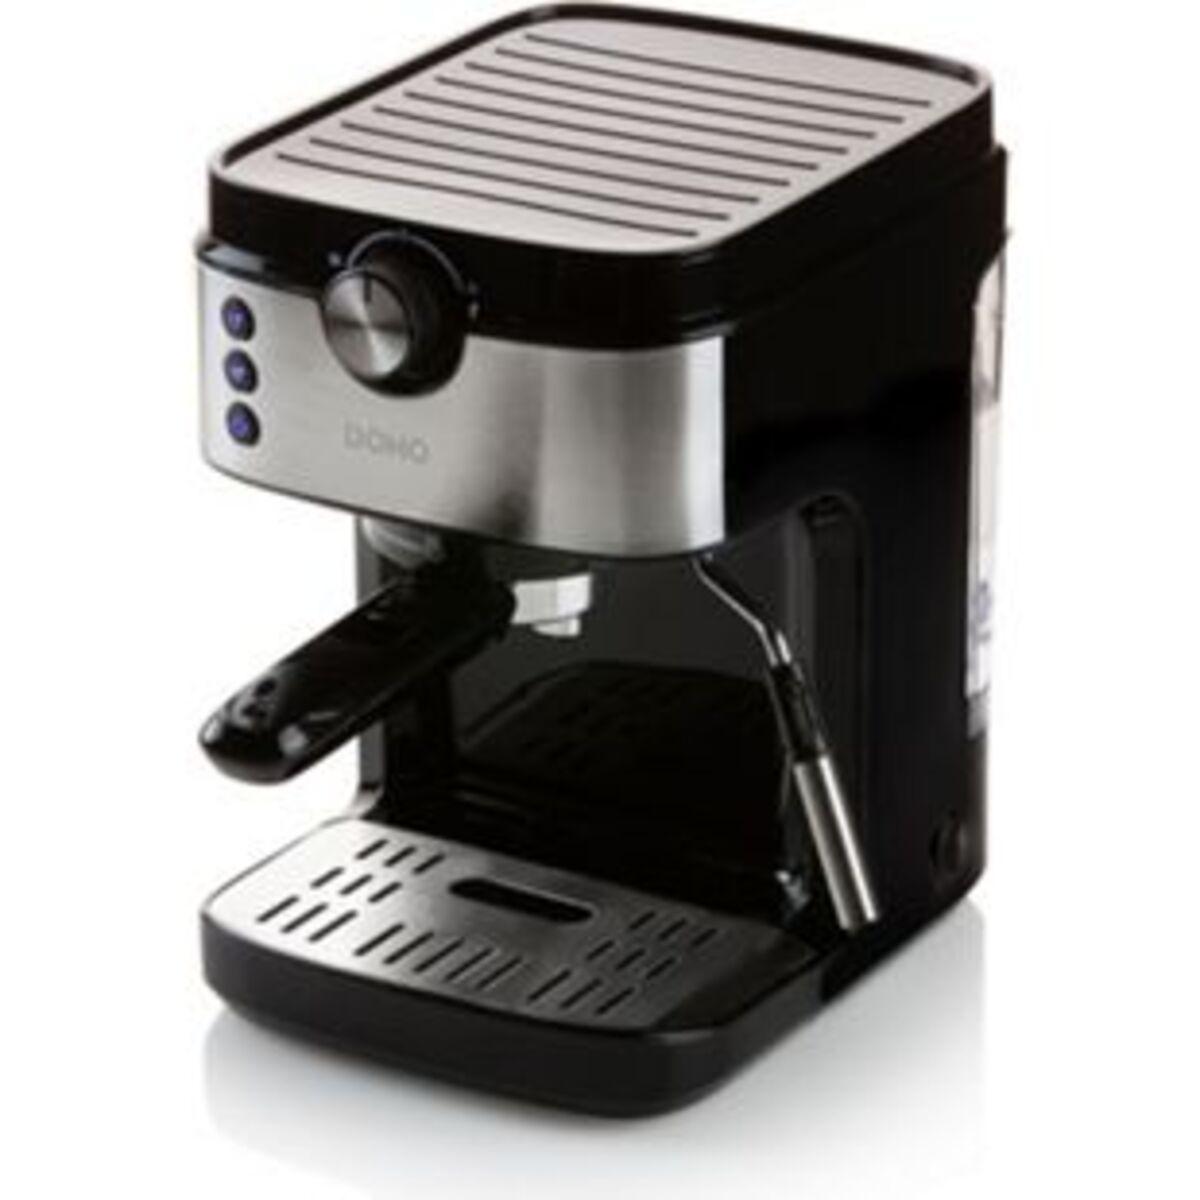 Bild 2 von Domo DO711K Espressoautomat 19 Bar